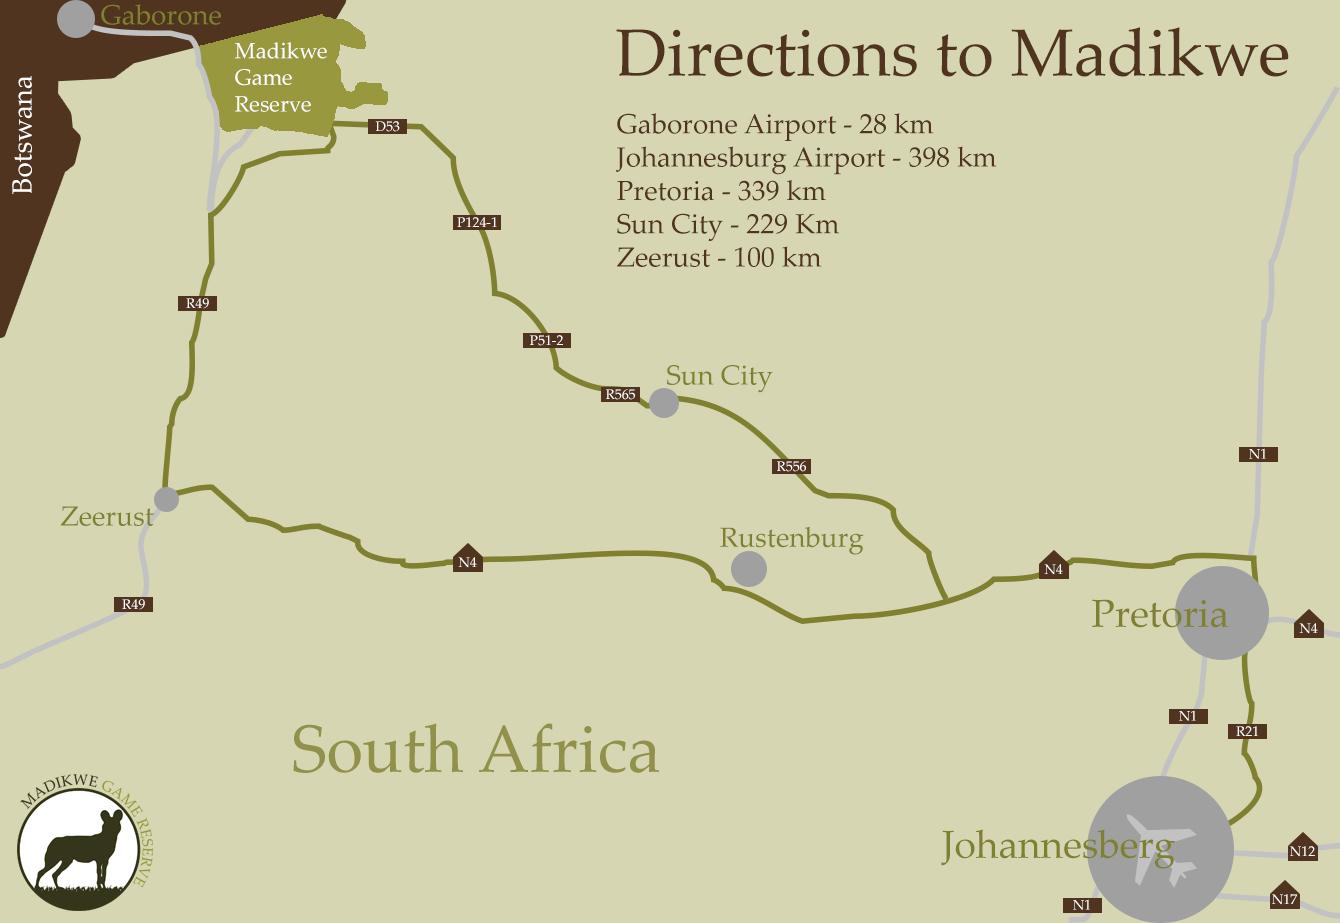 kaart-madikwe-game-reserve